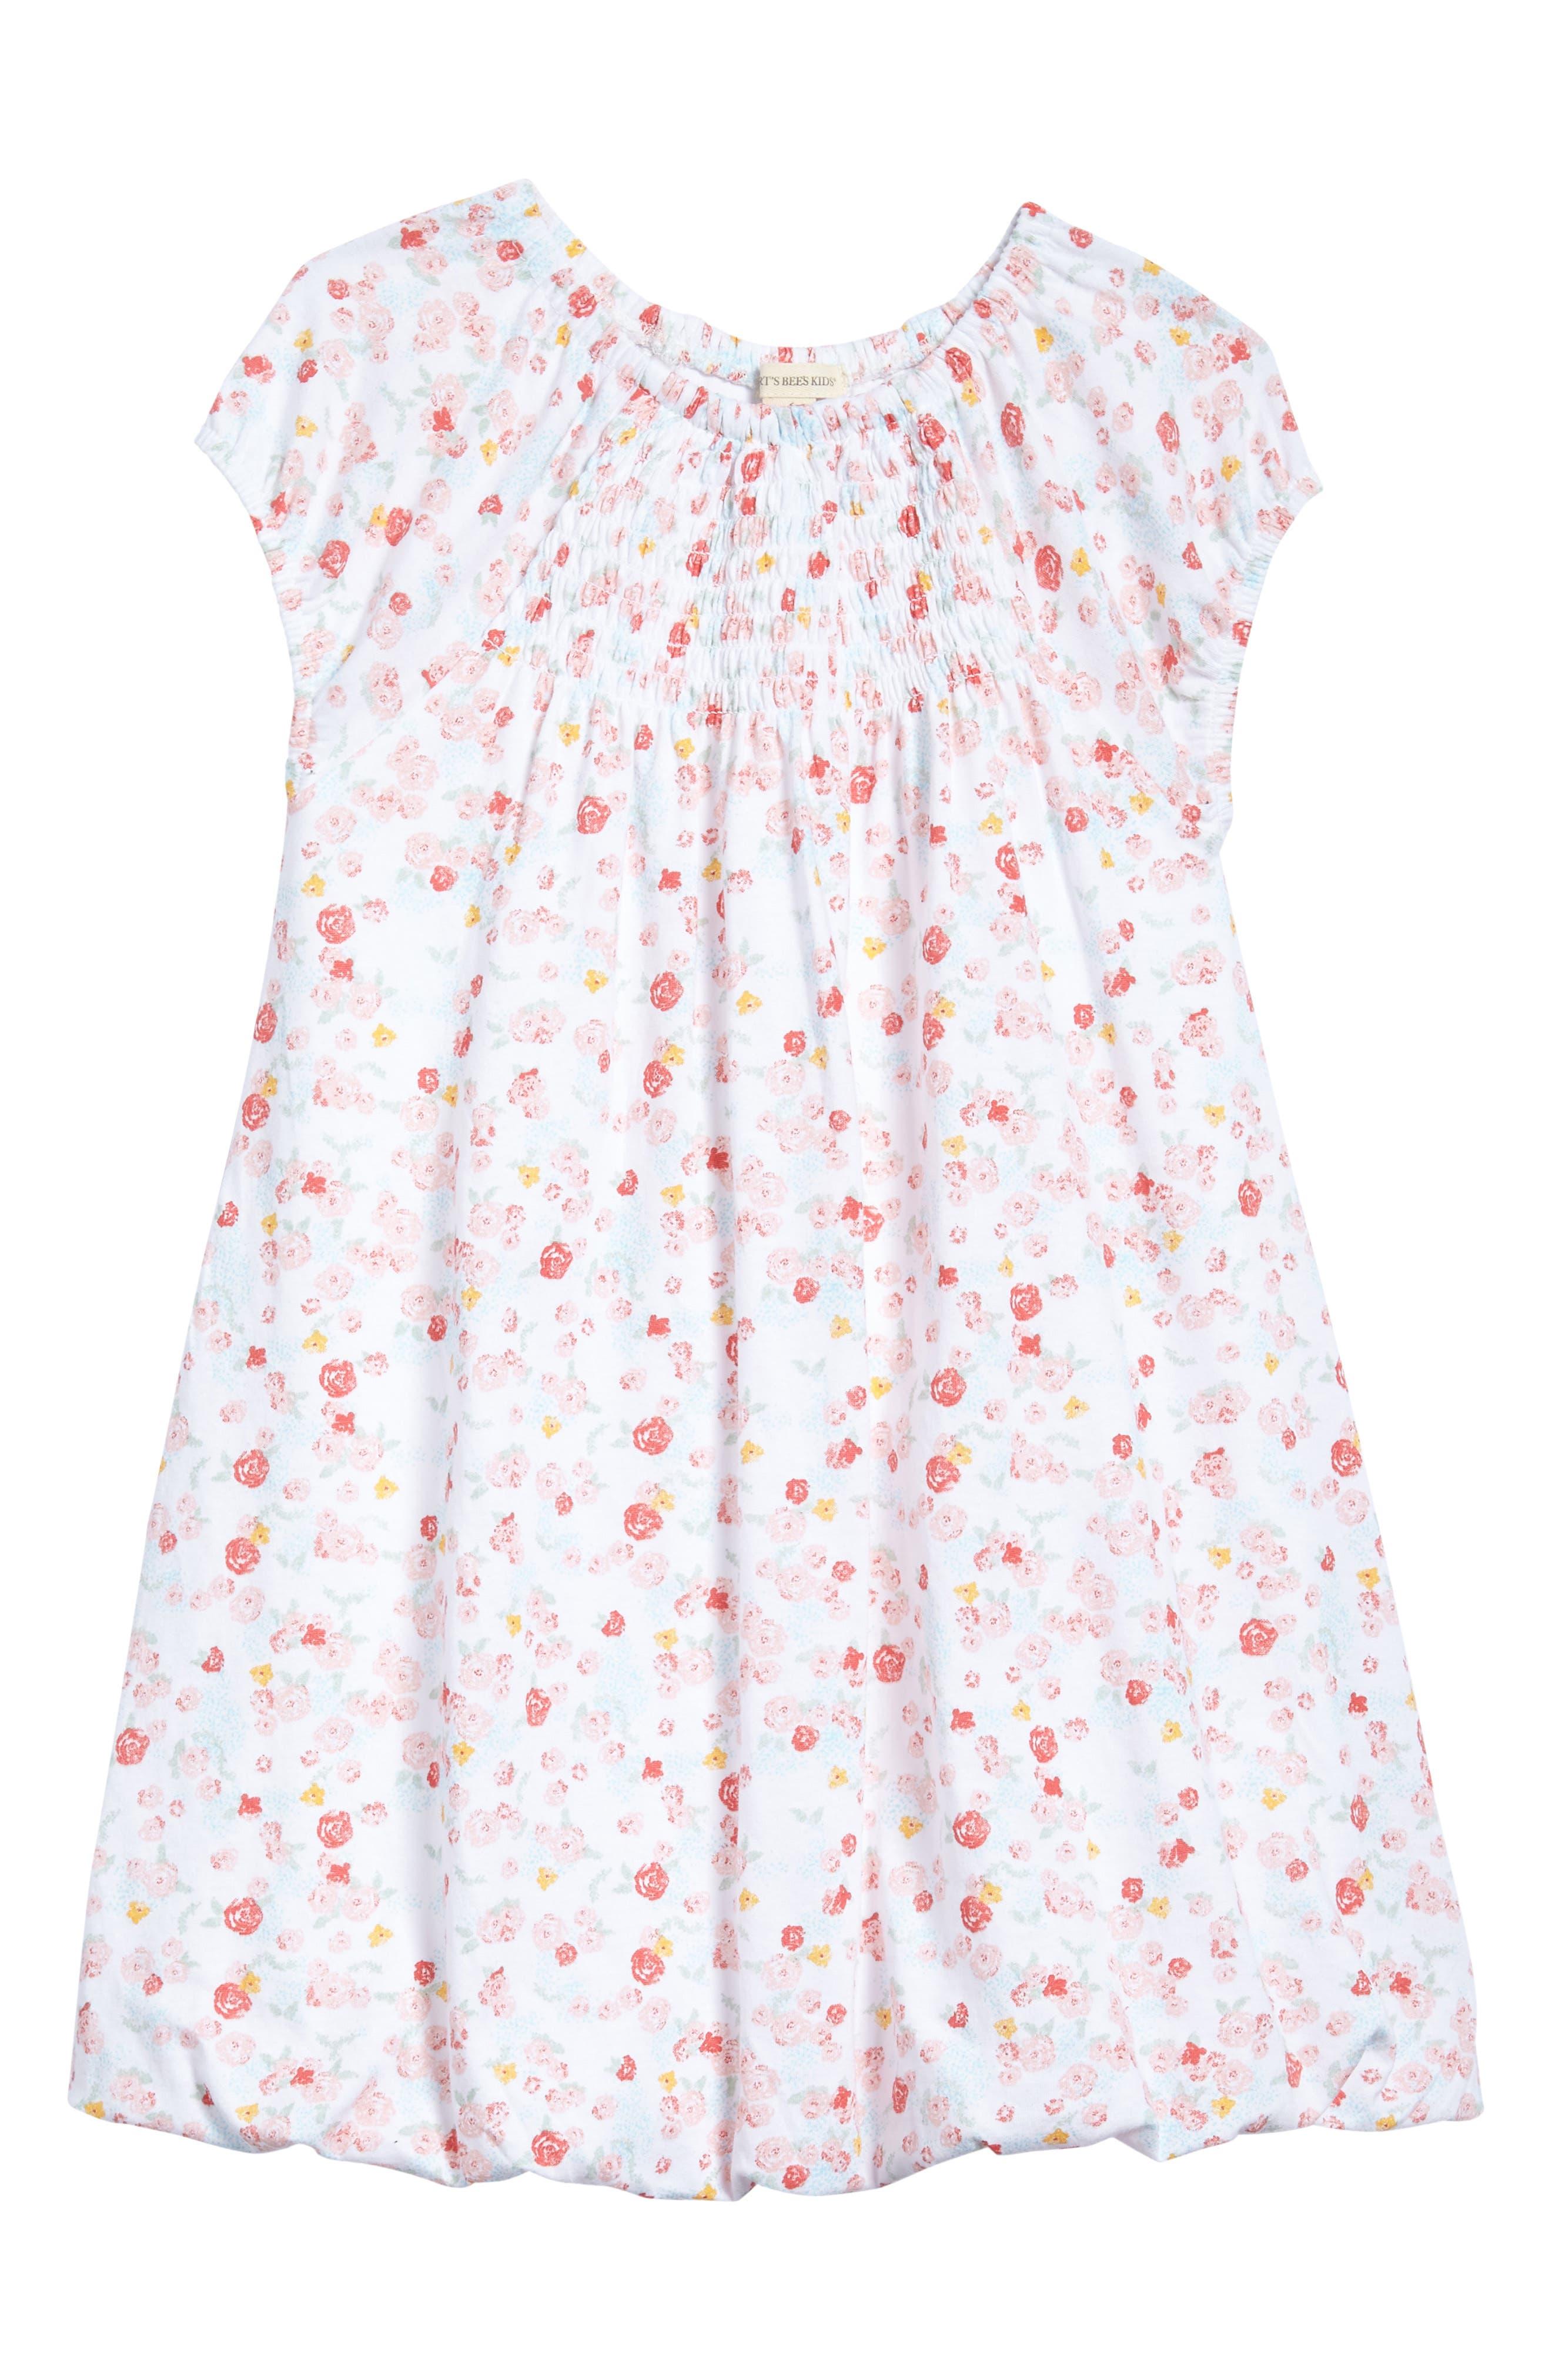 Ditsy Floral Print Bubble Dress,                             Main thumbnail 1, color,                             Cloud